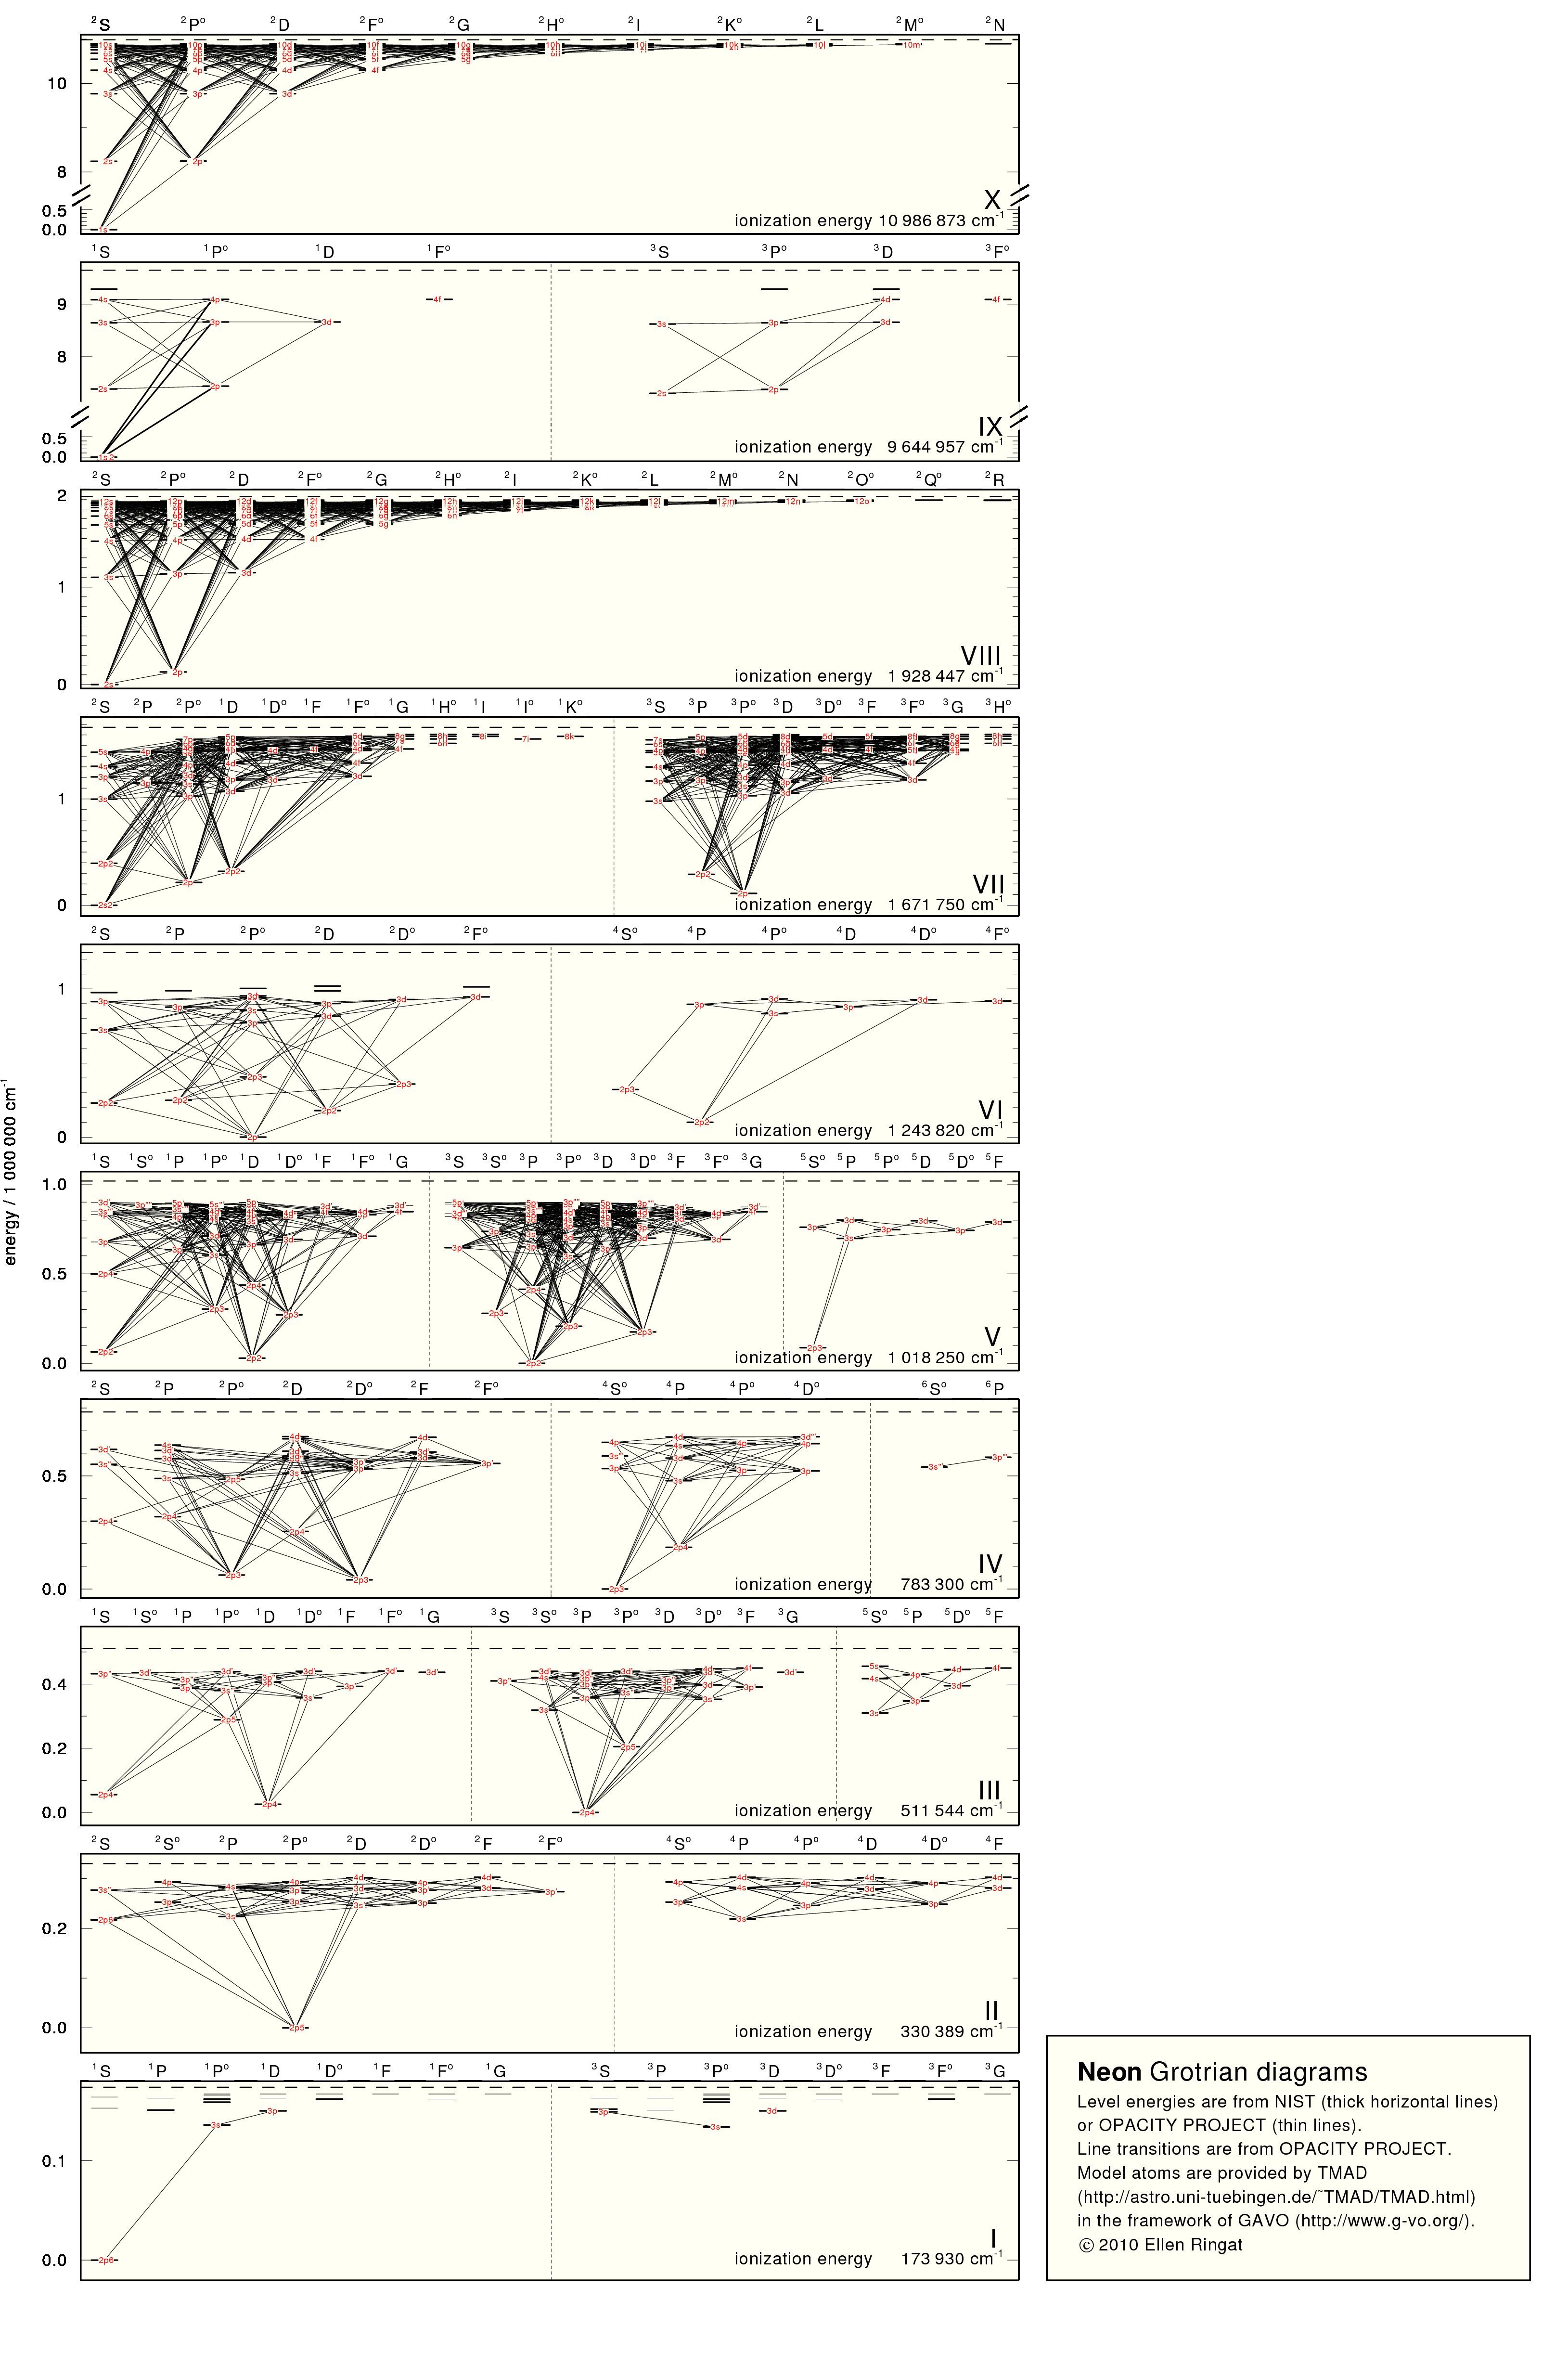 grotrian diagram calcium diagram for calcium chloride